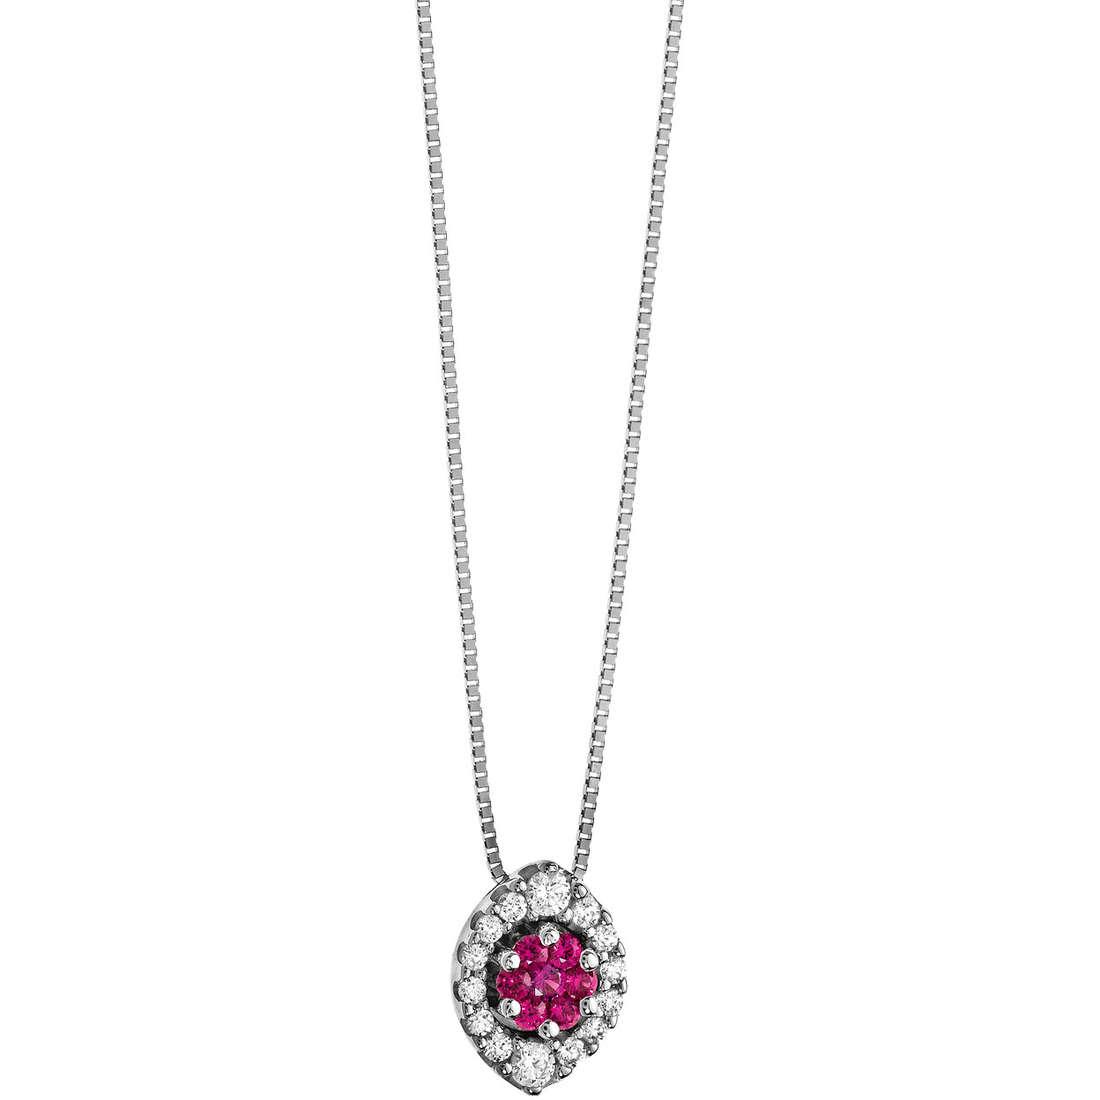 collana donna gioielli Comete Pietre preziose colorate GLB 808